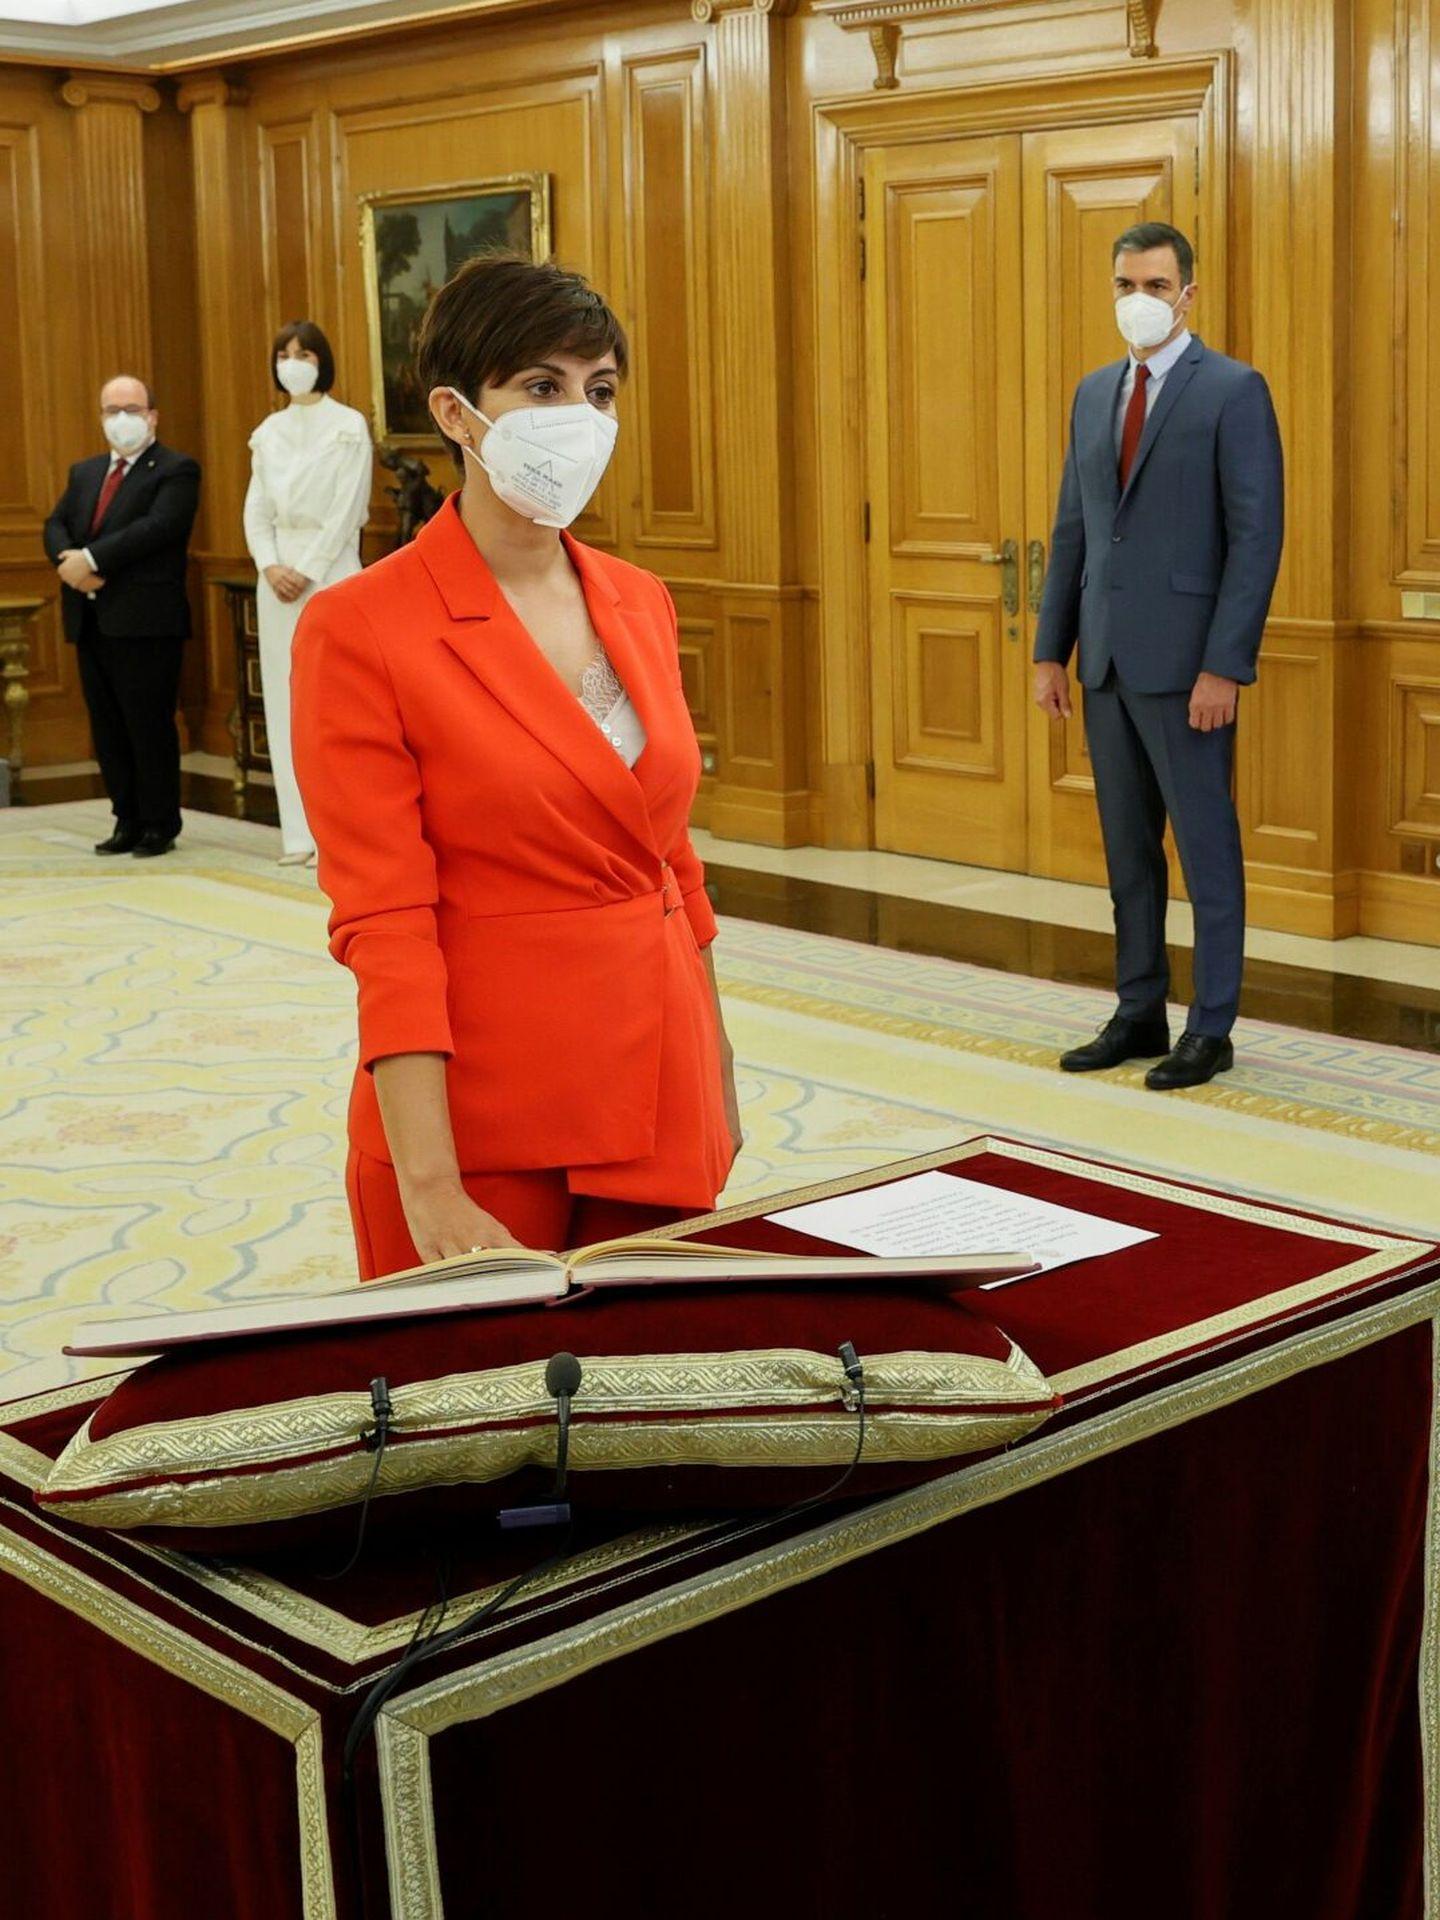 La nueva ministra de Política Territorial y portavoz del Gobierno, Isabel Rodríguez, promete su cargo ante el Rey. (EFE)